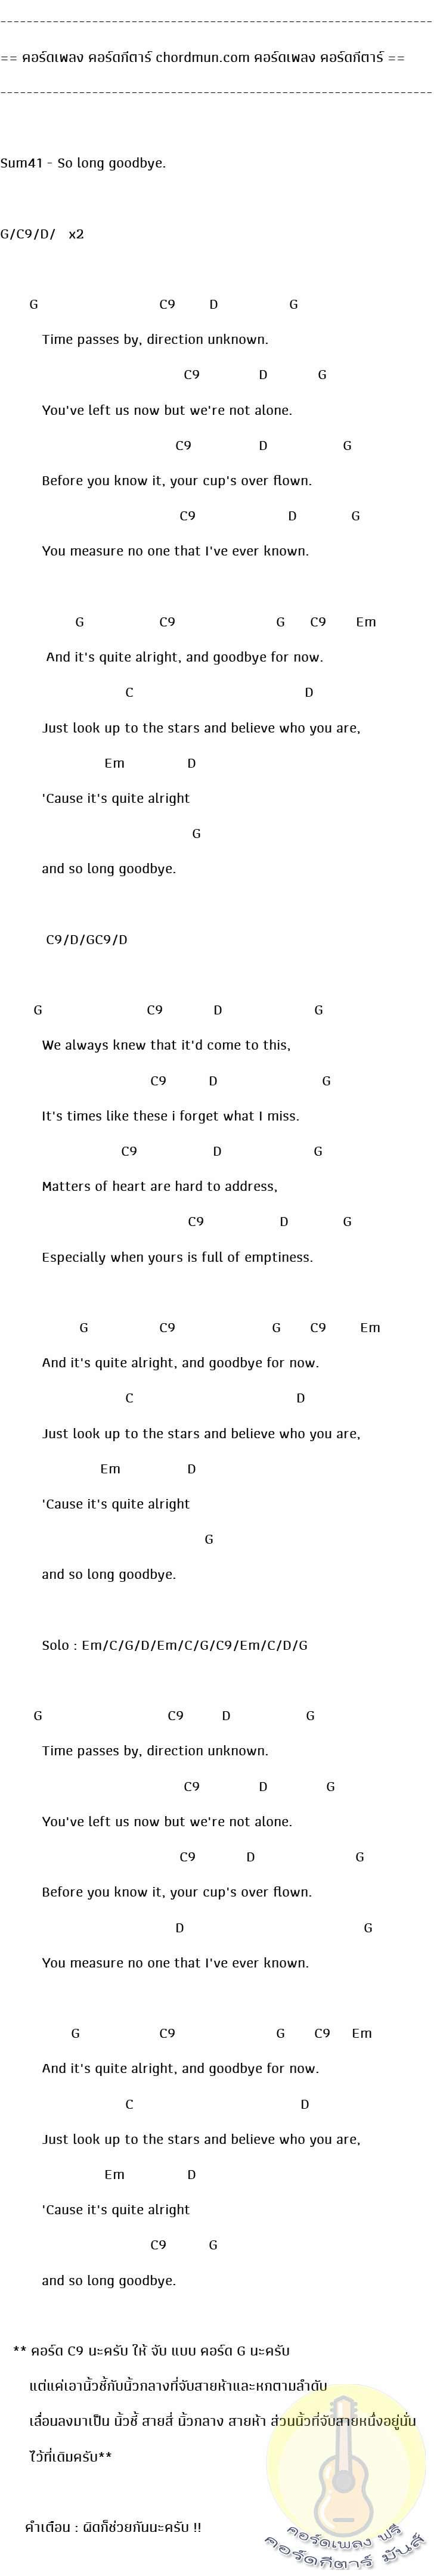 ตารางคอร์ดกีต้าร์  เพลง So long goodbye